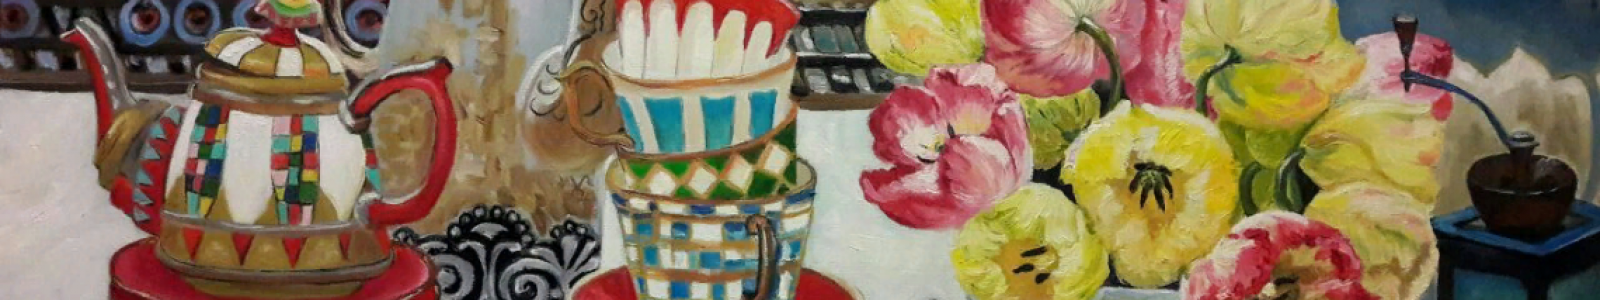 Gallery Painter Inna Sizova